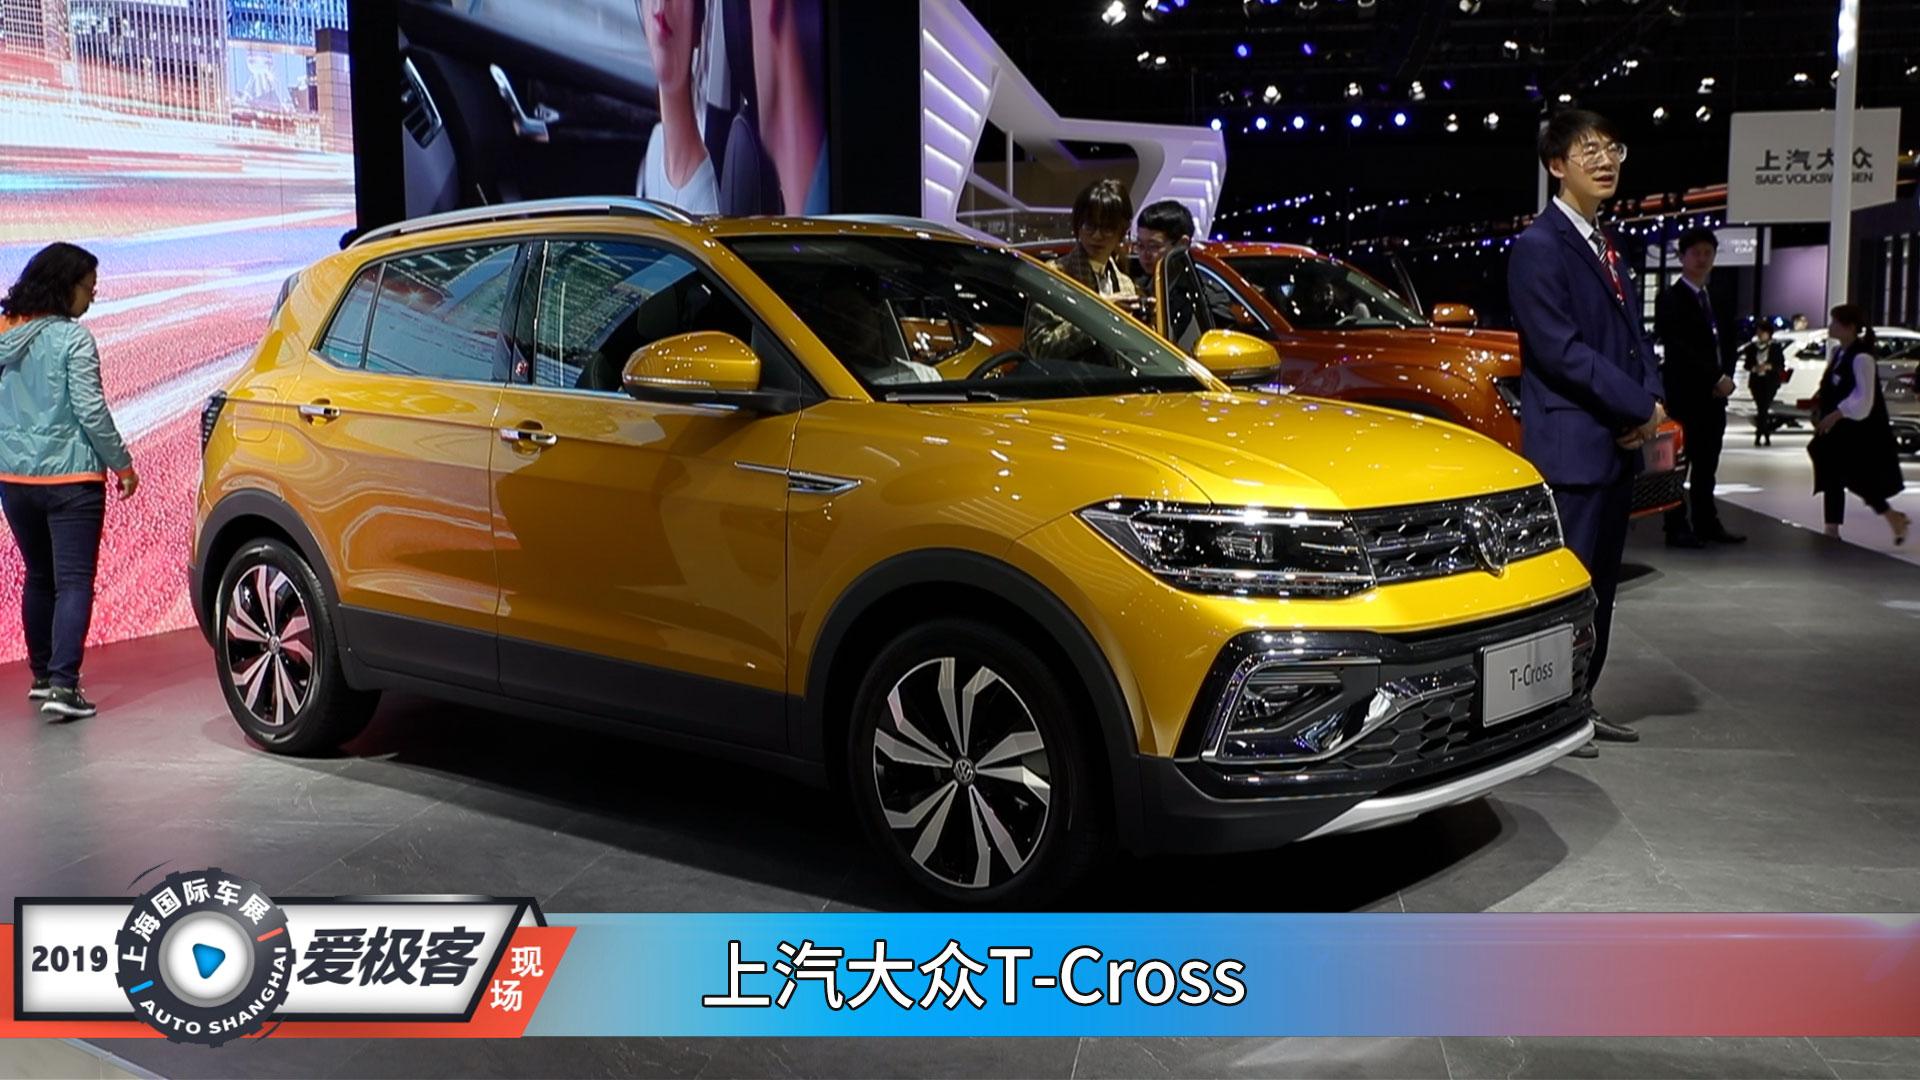 2019上海车展 SUV小硬汉 大众T-Cross